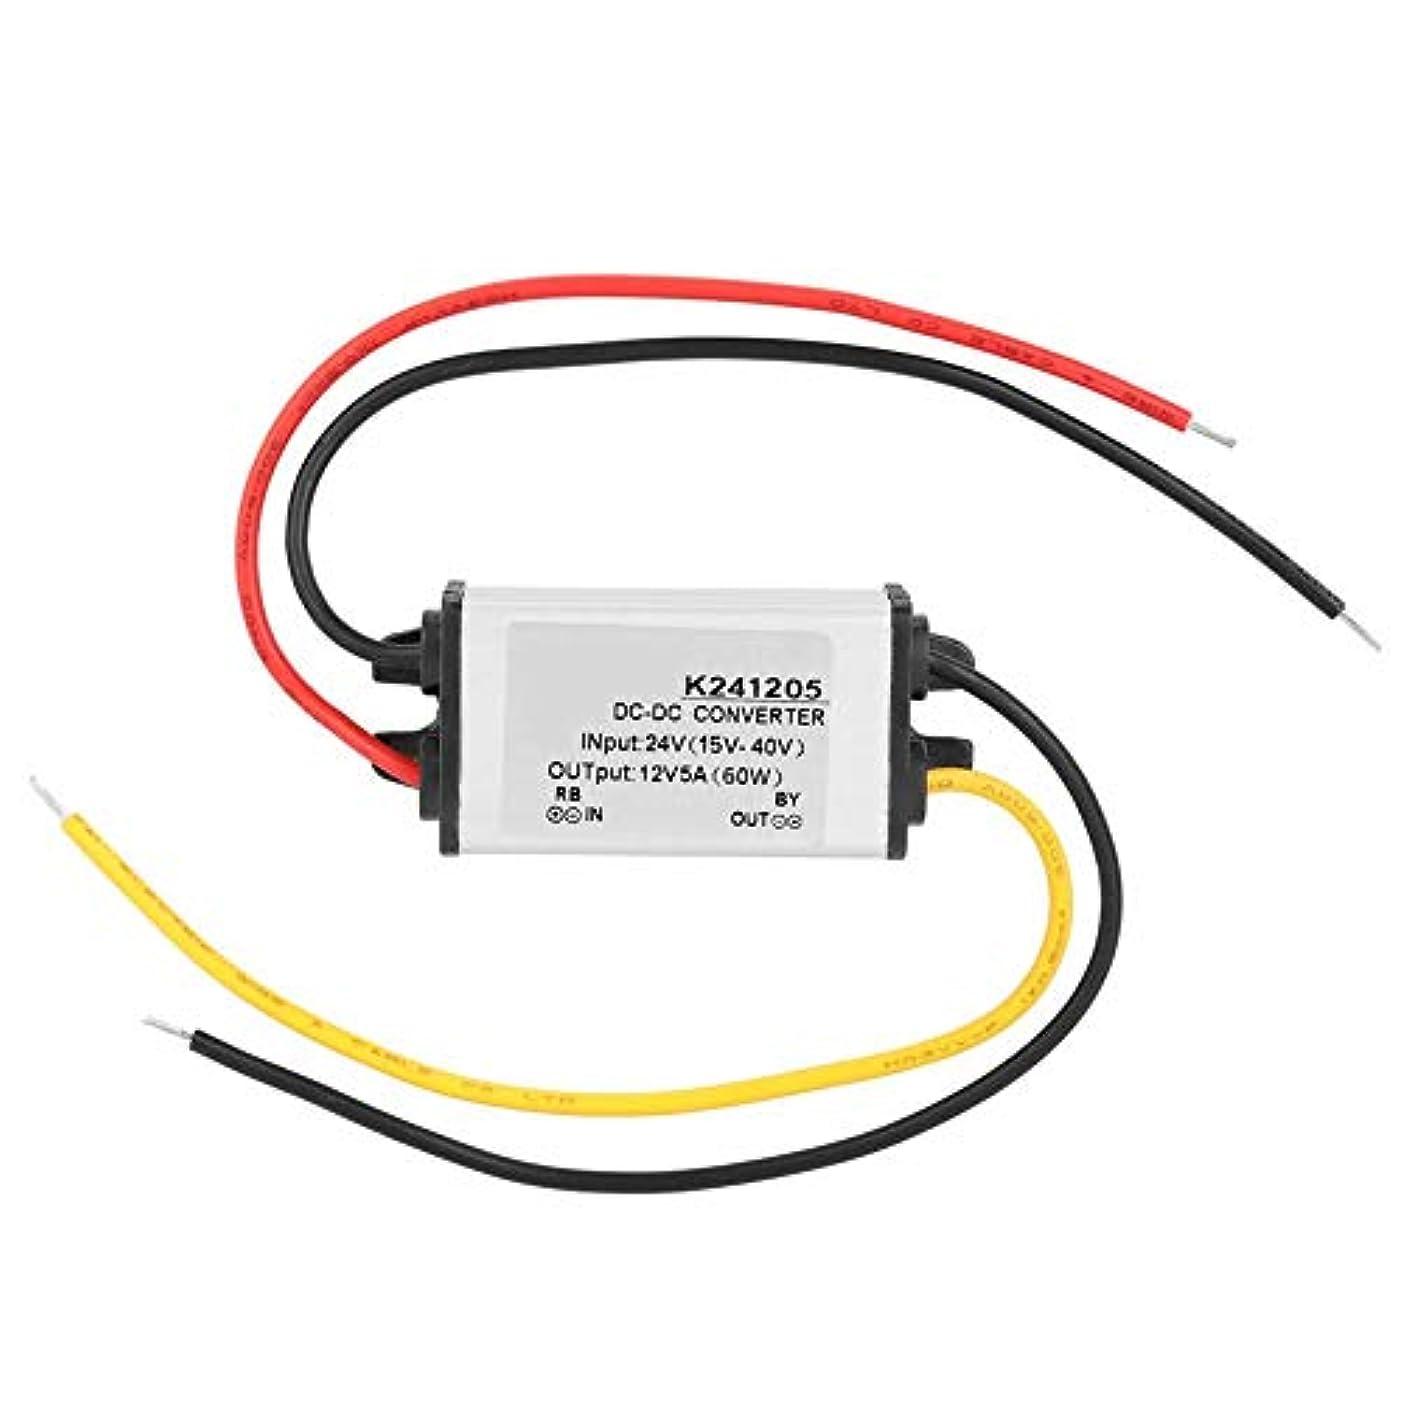 到着する接辞強いAkozon GYVRM-K241205 電源コンバーター DC-DC 24Vから12V 高効率 5A 調整可能なバックコンバーター 電圧レギュレータ USB充電モジュール